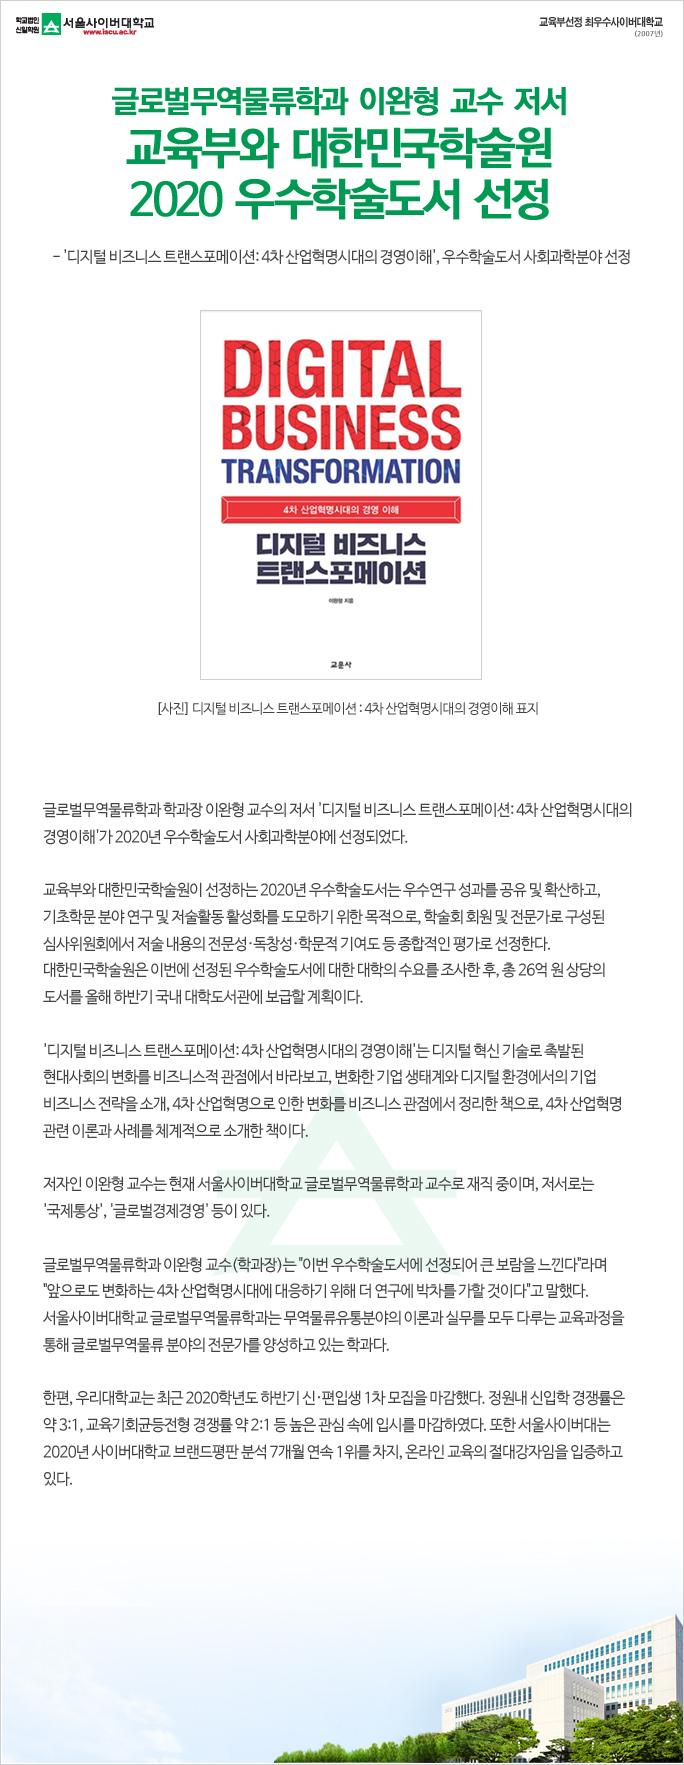 글로벌무역물류학과 이완형 교수 저서, 교육부와 대한민국학술원 2020 우수학술도서 선정